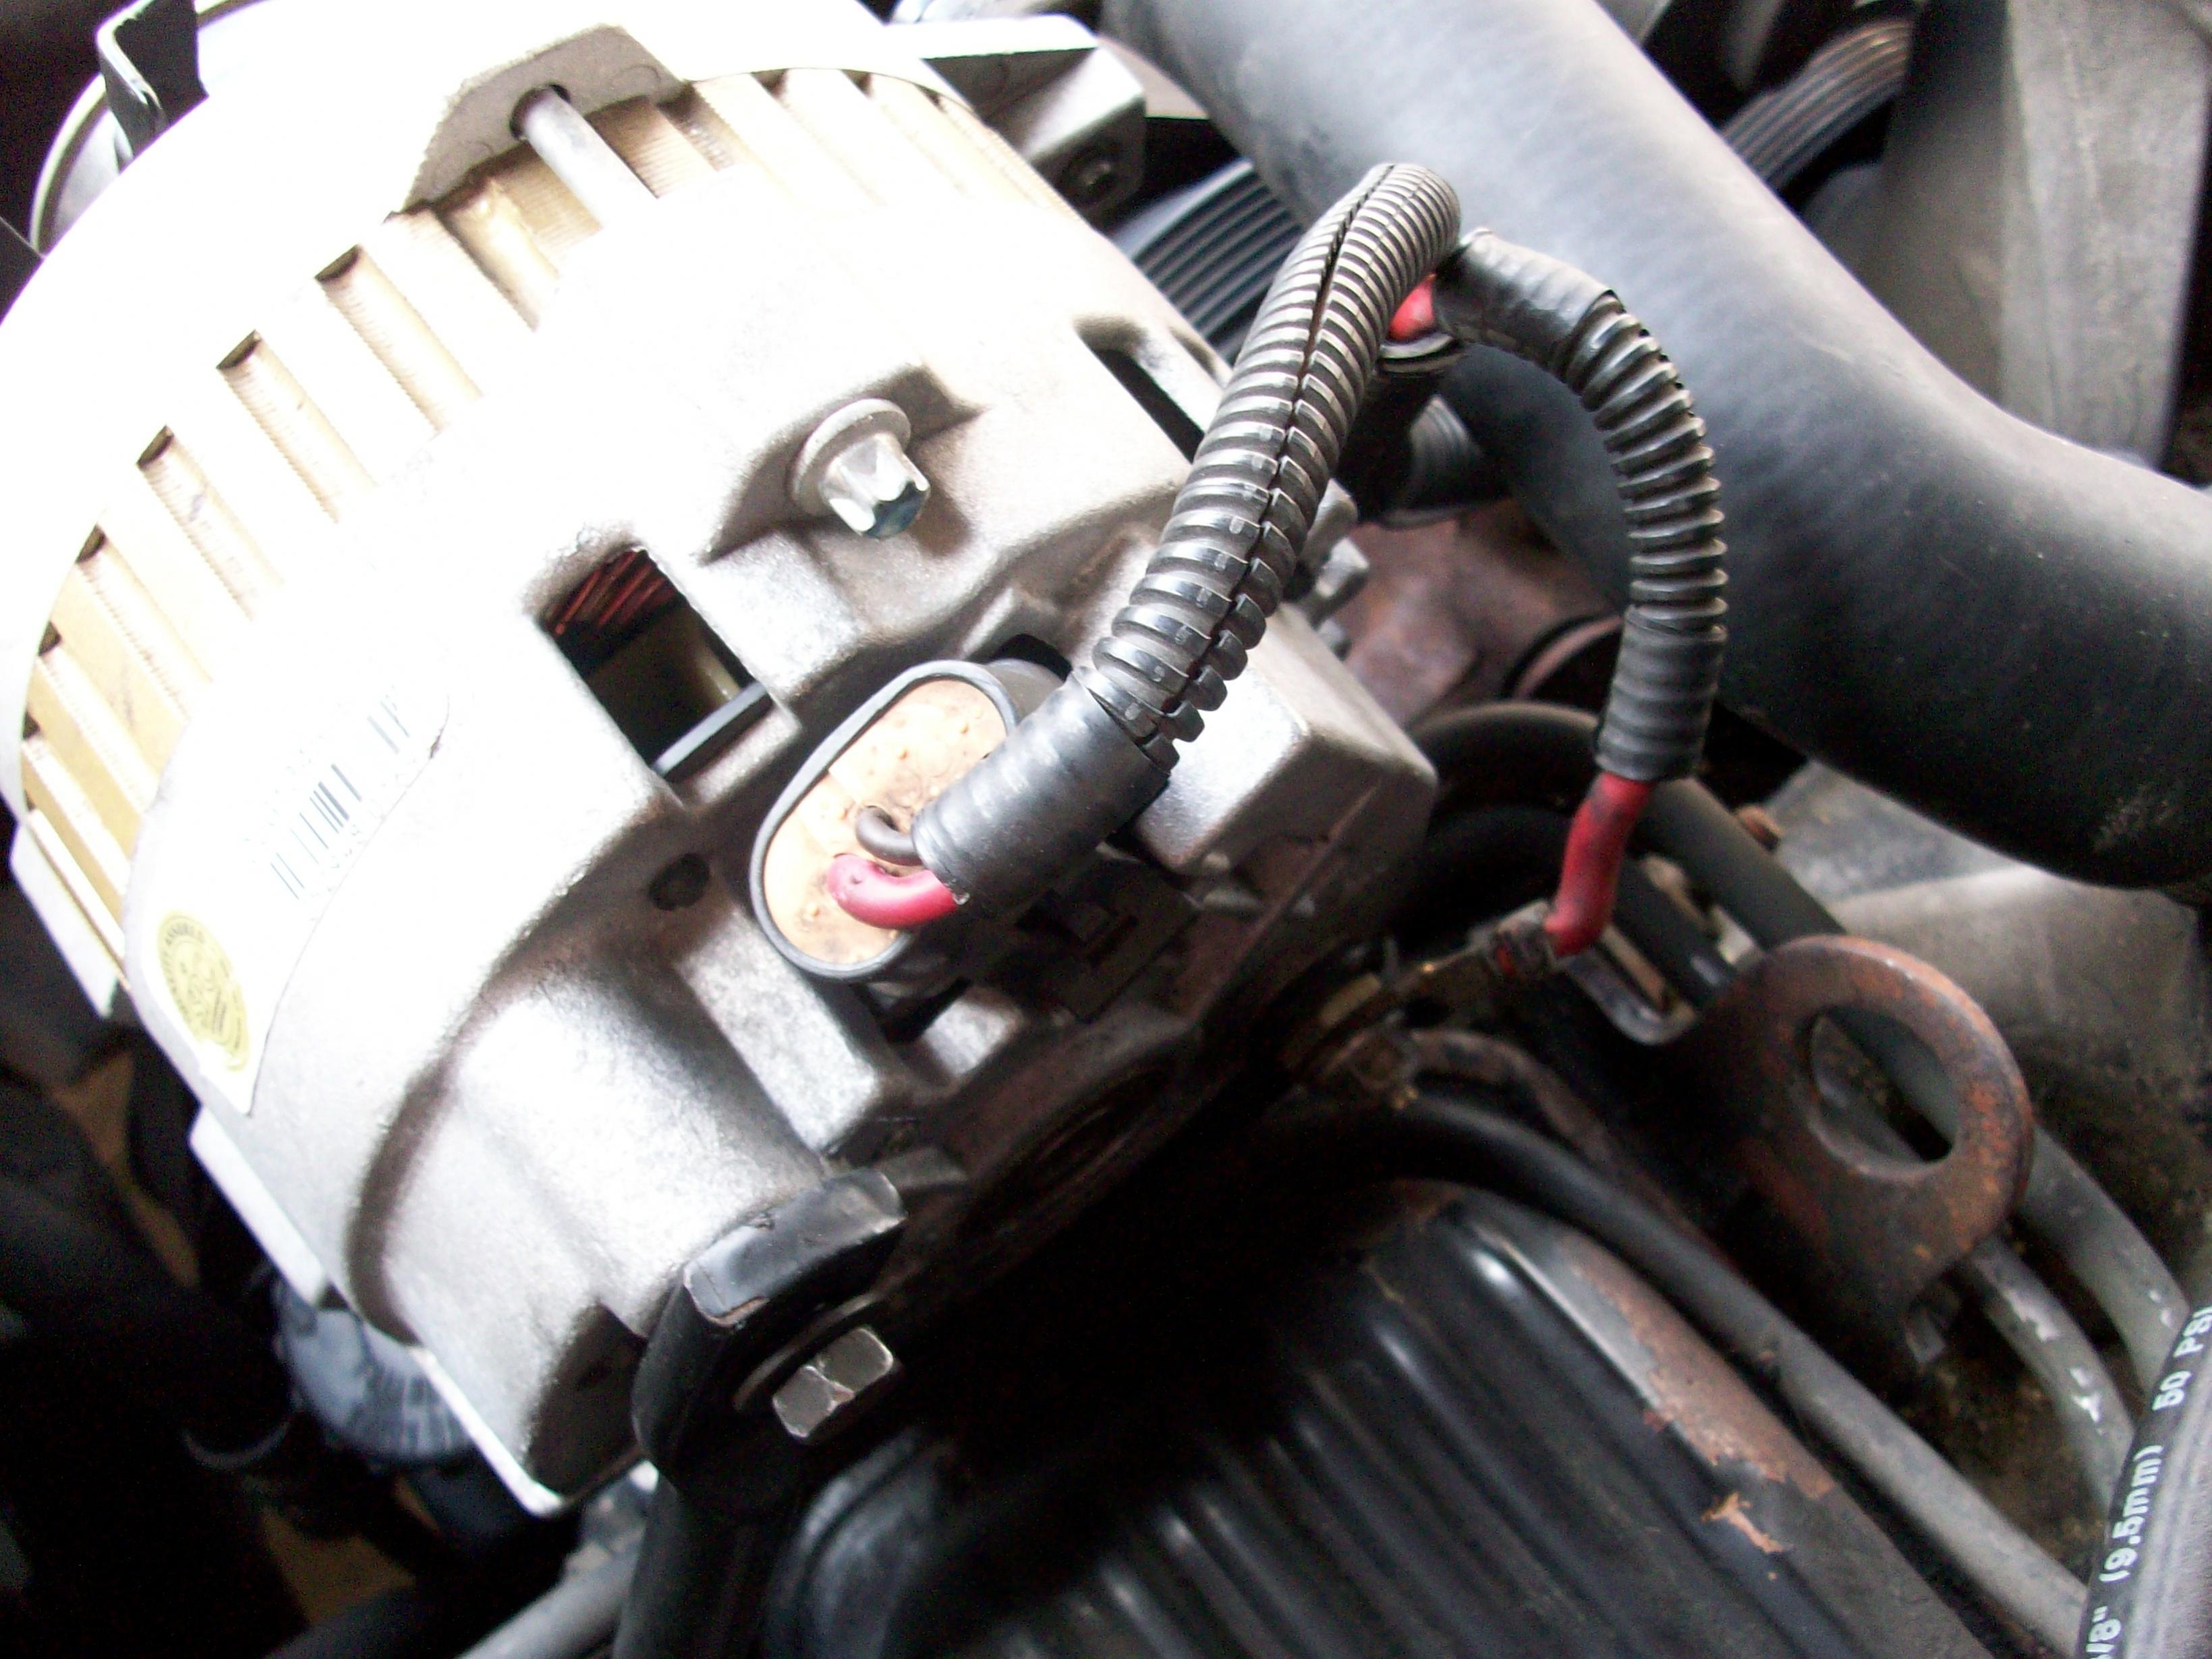 [FPER_4992]  TM_7352] Alternator Wiring Diagram On 91 Nissan Pickup Alternator Wiring  Wiring Diagram | Vortec Alternator Wiring Diagram |  | Lline Wned Icism Bemua None Phil Wigeg Mohammedshrine Librar Wiring 101